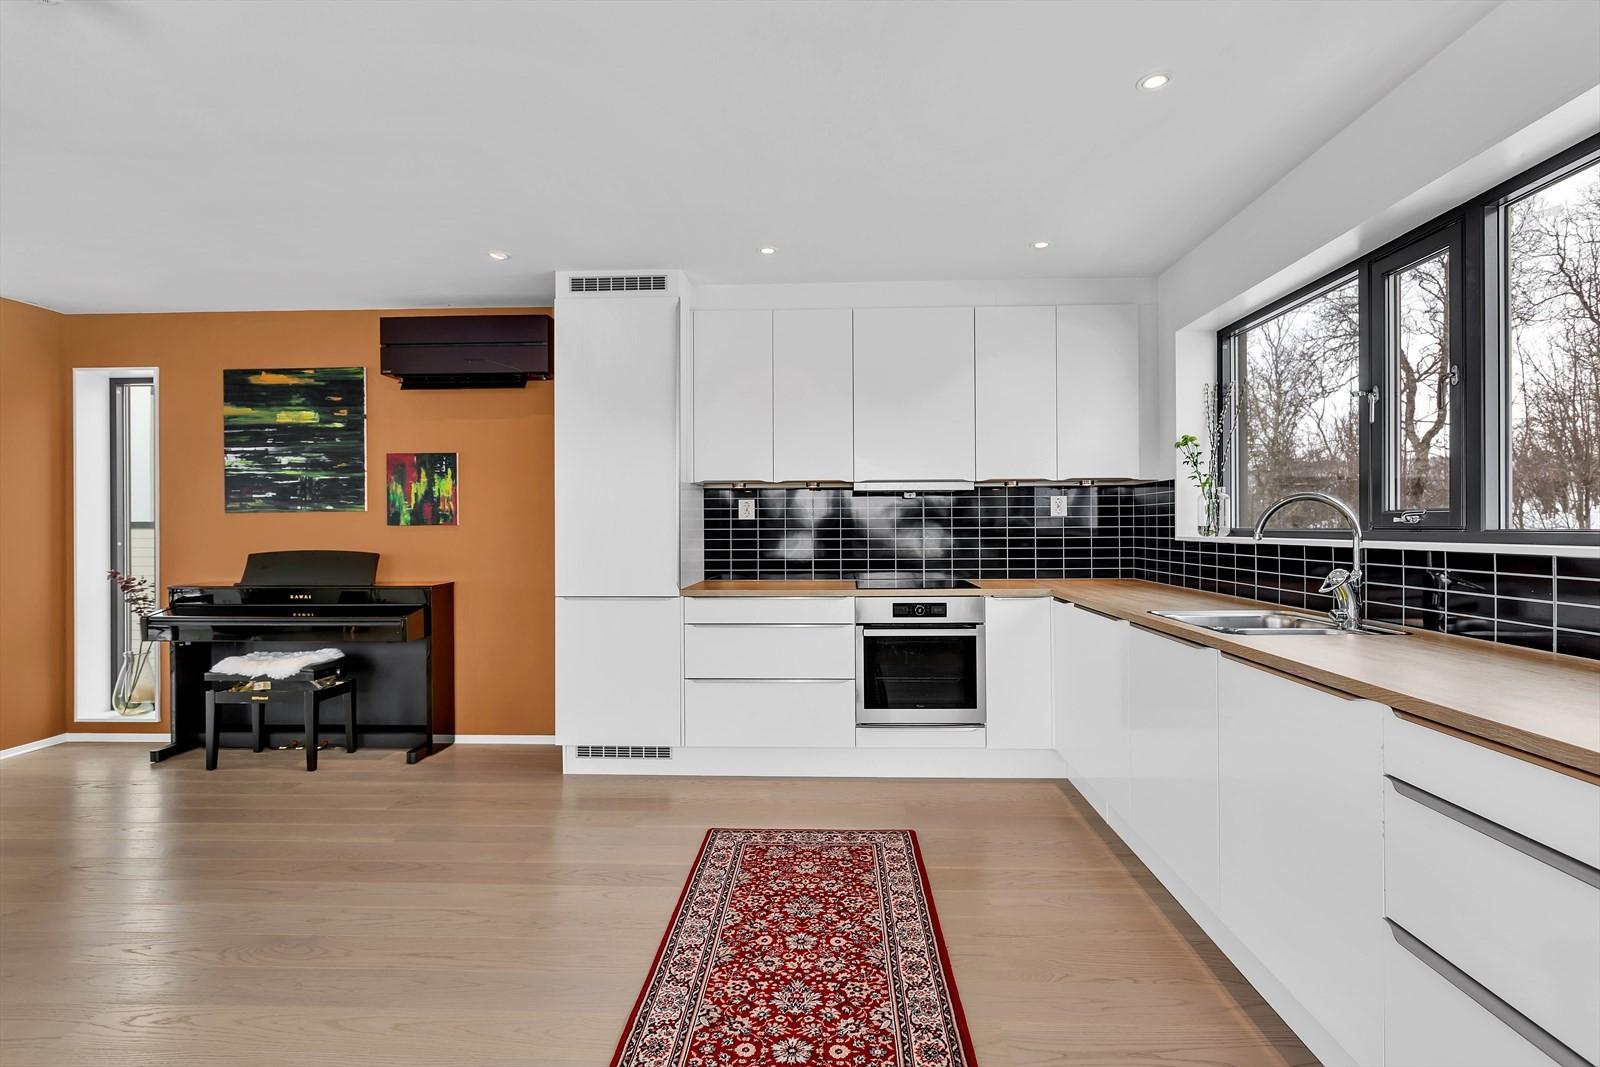 Kjøkkenet har mye skap- og benkeplass samt integrerte hvitevarer